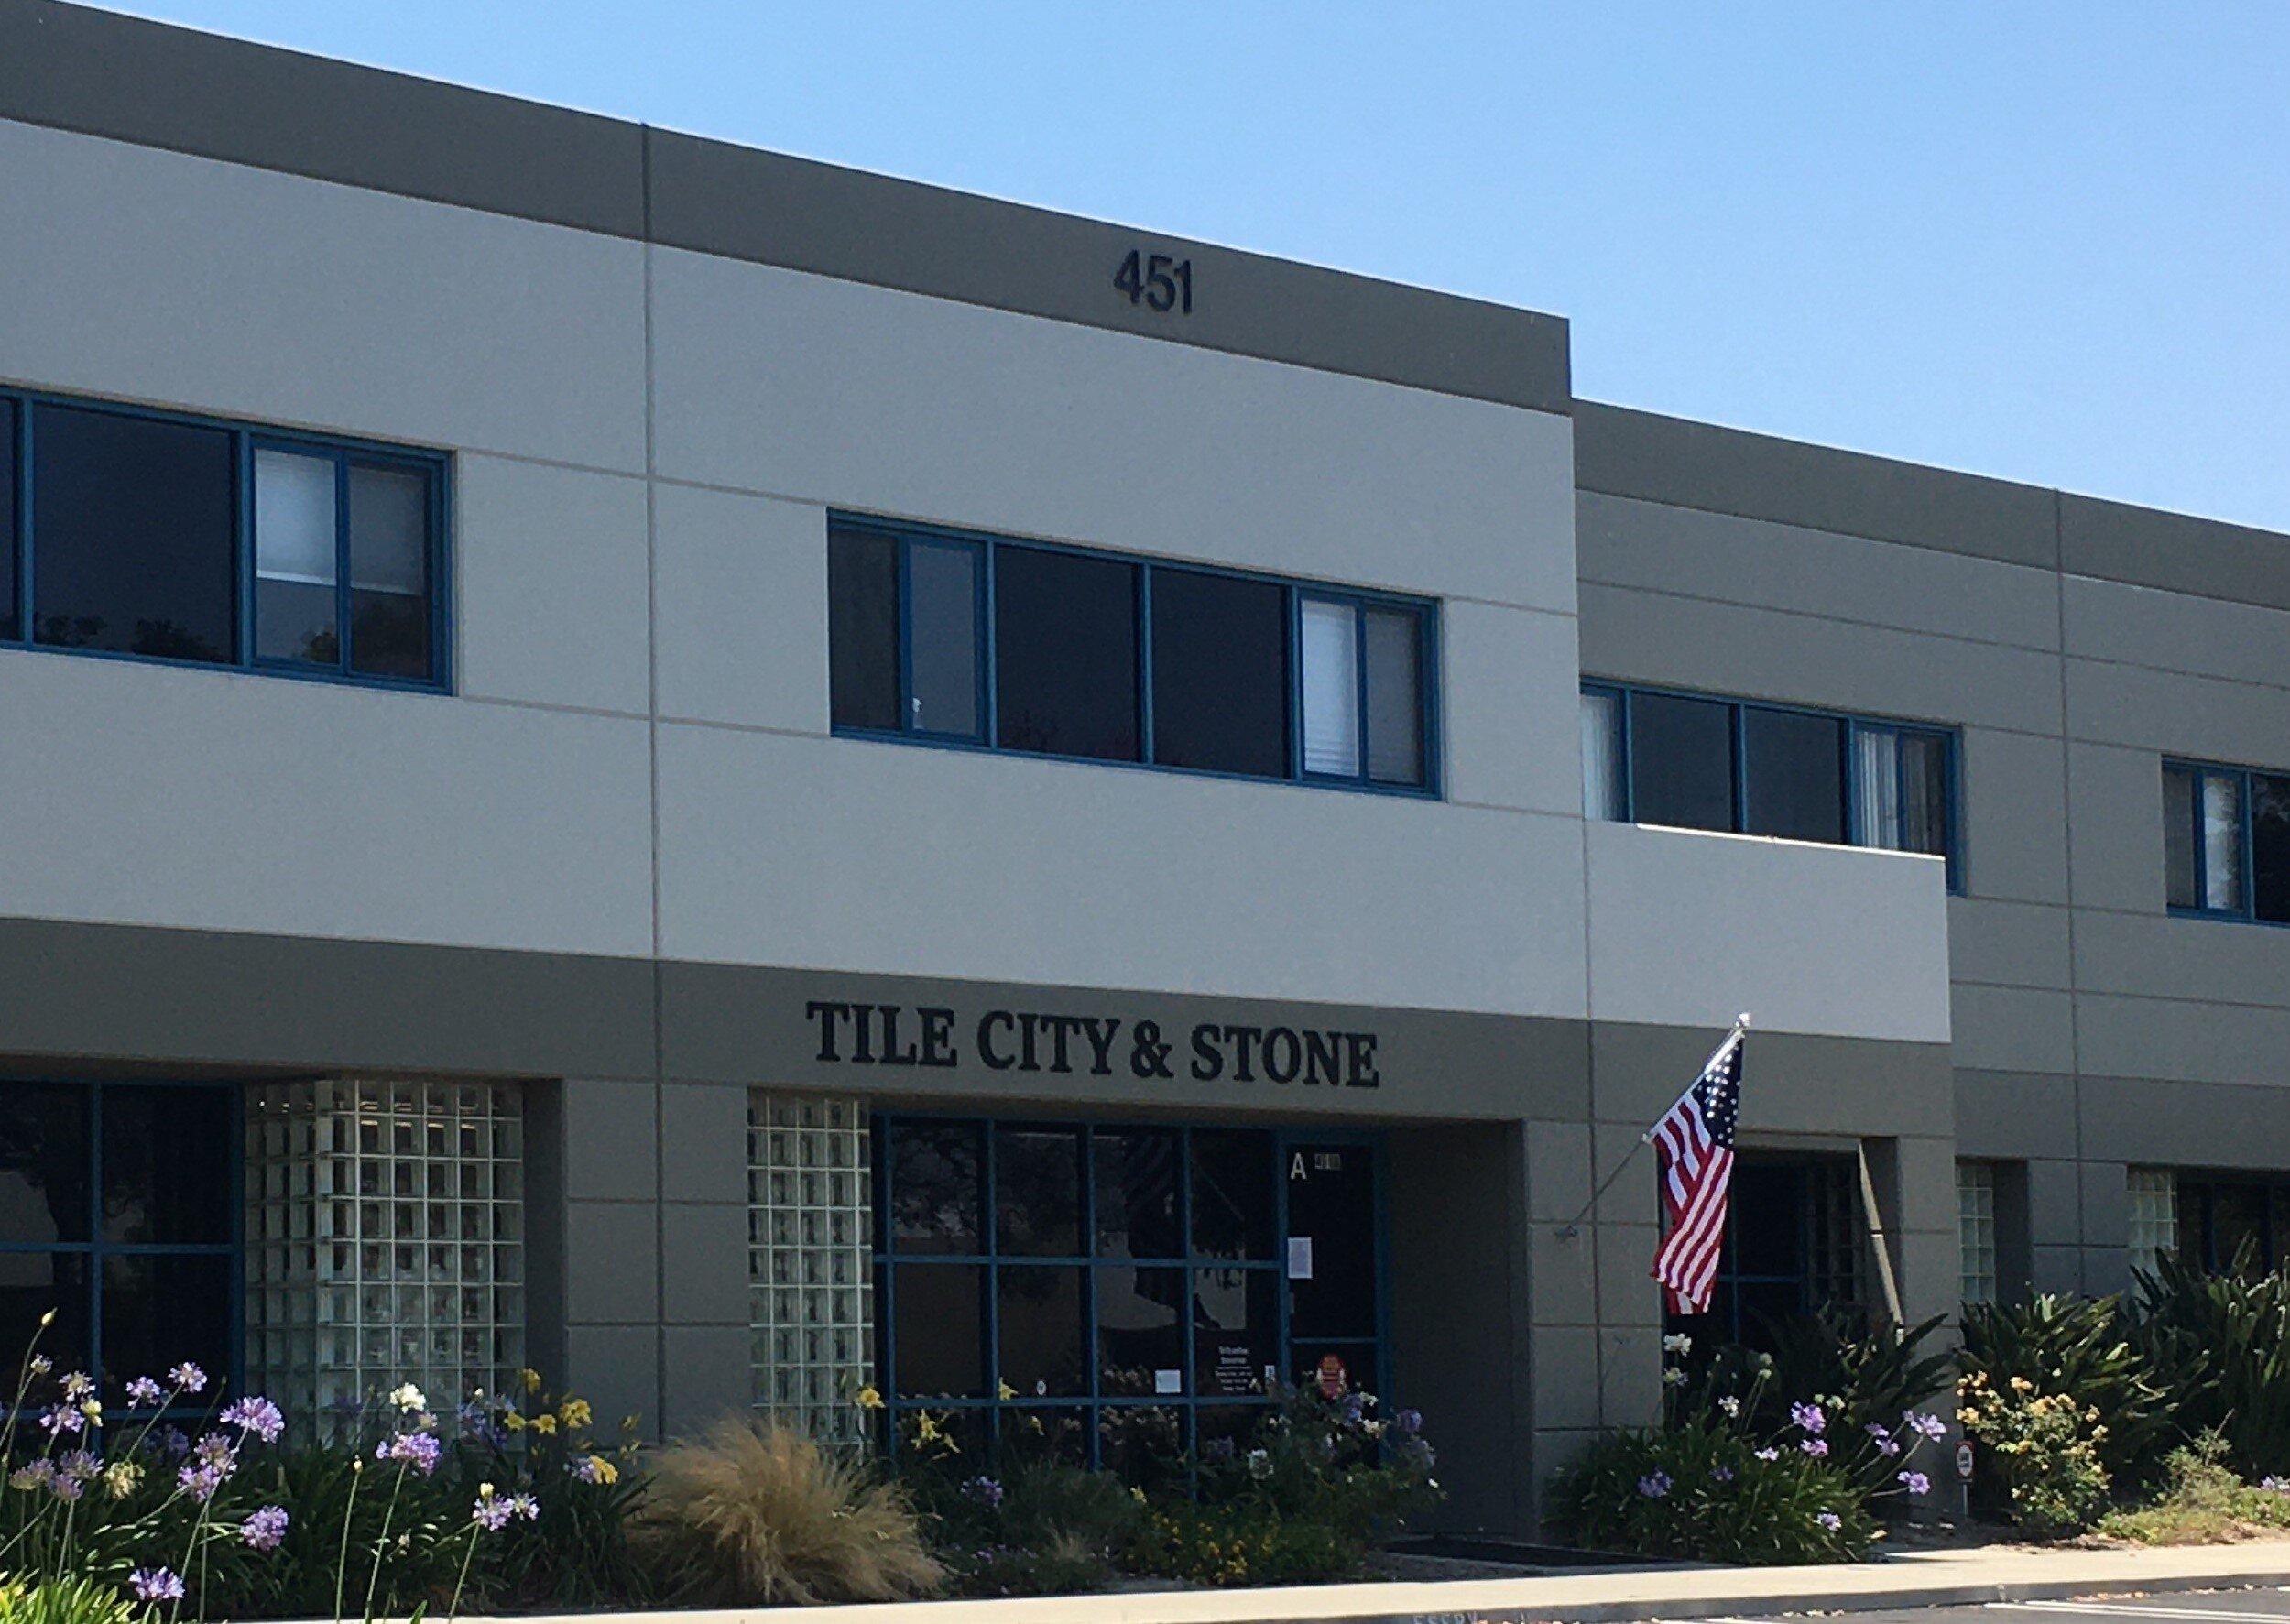 701 Del Norte Blvd Ste 225. Camarillo Location Tile City And Stone